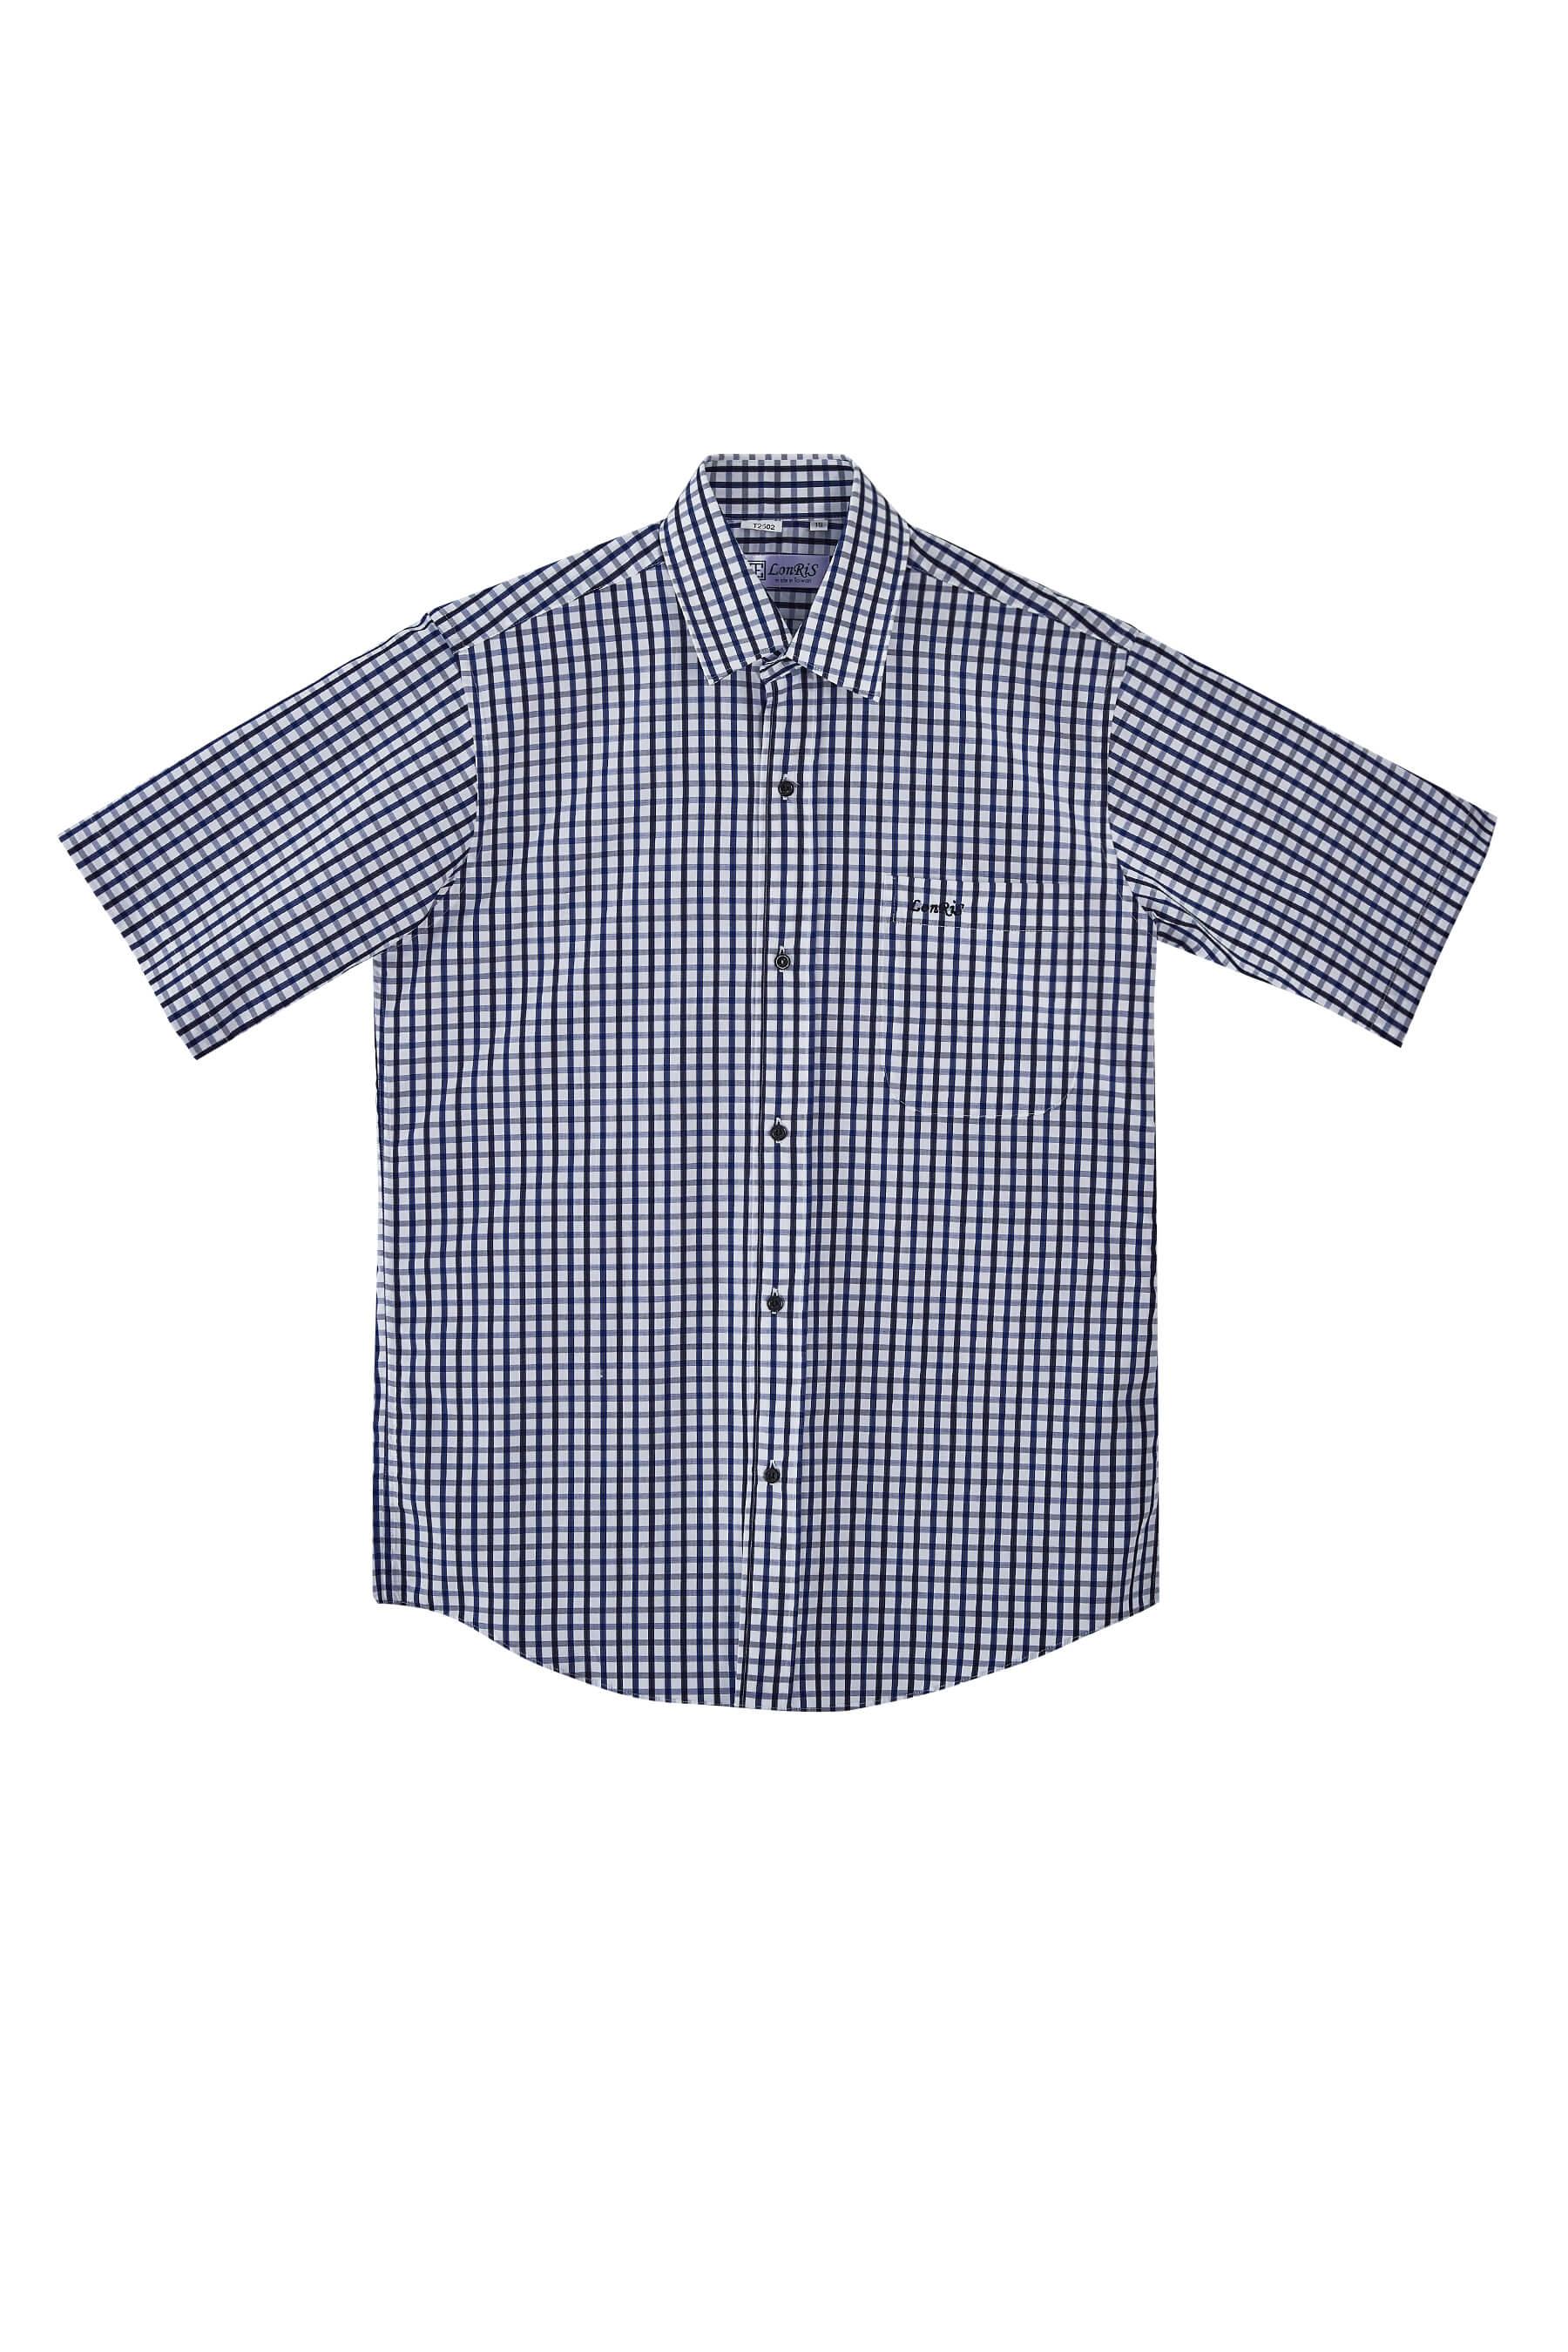 黑藍格紋純棉短袖襯衫/舒適透氣